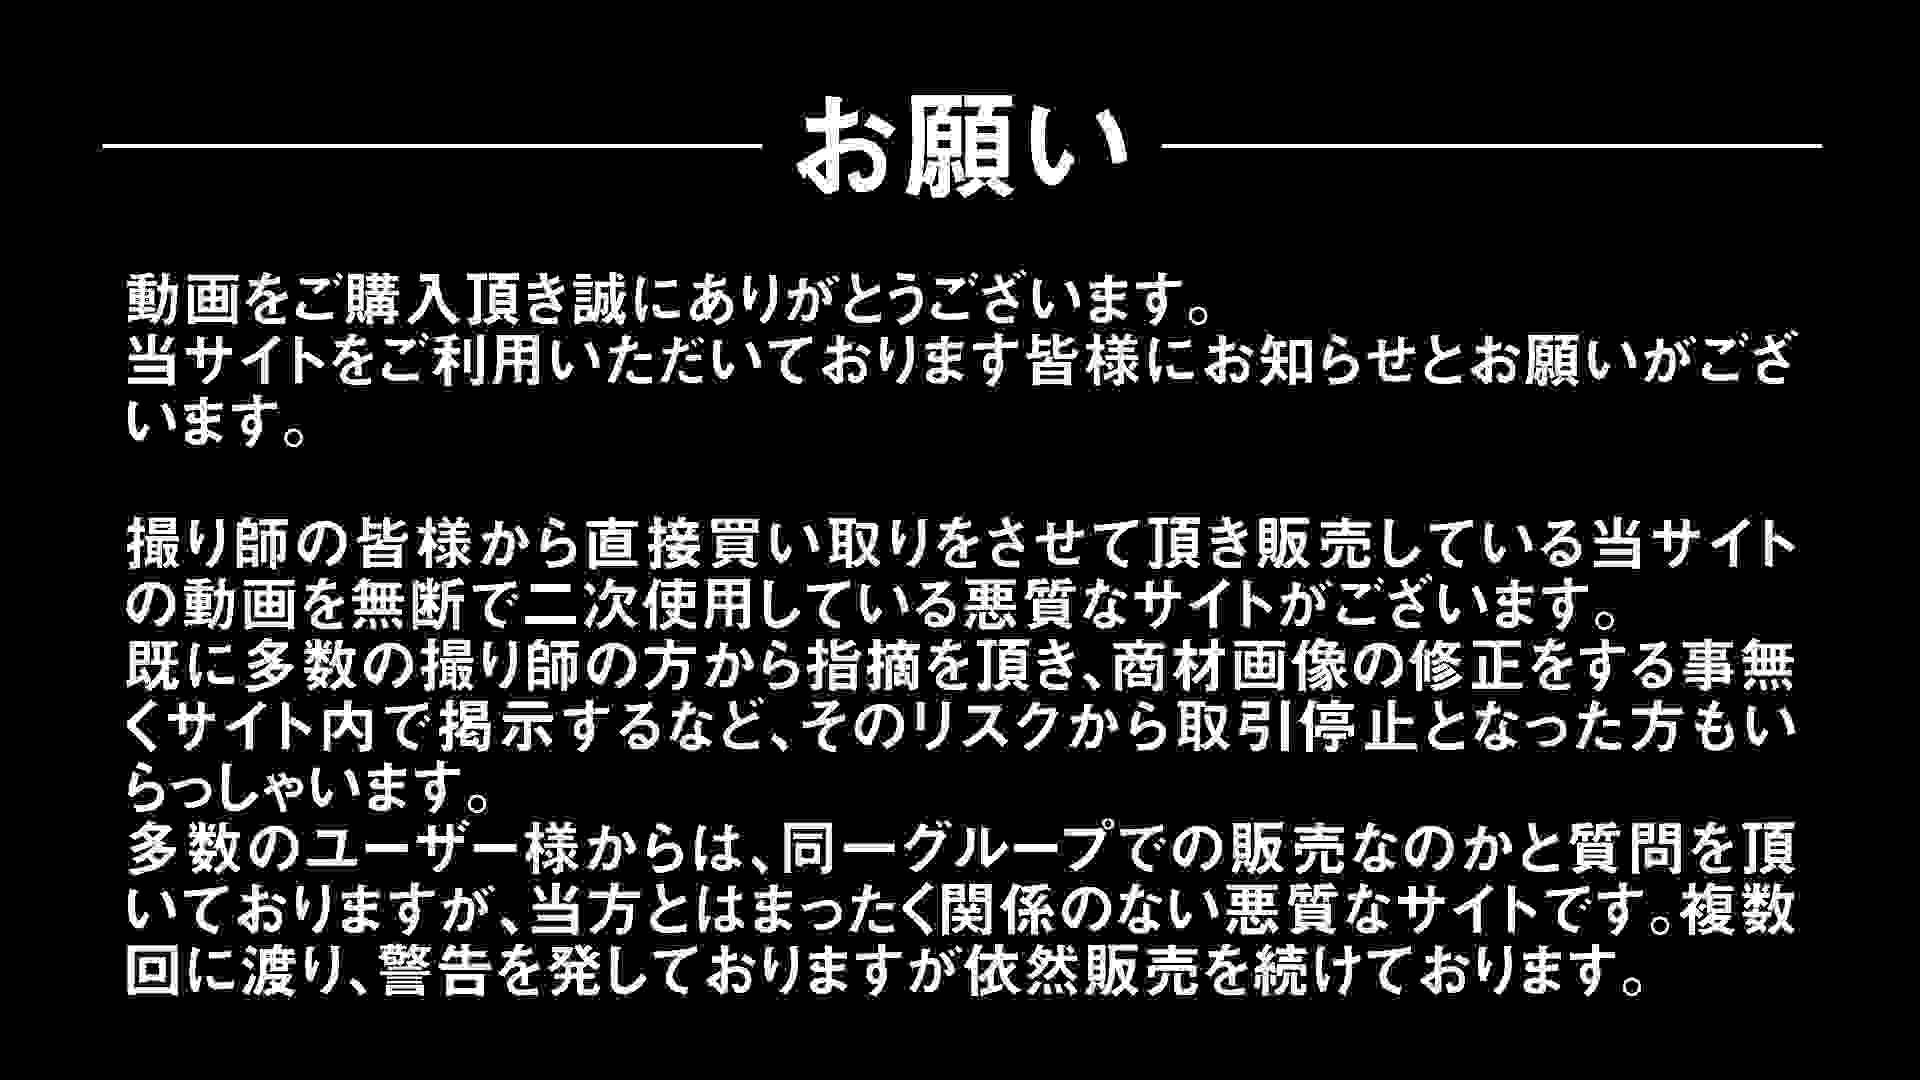 Aquaな露天風呂Vol.301 盗撮 | 露天風呂  112連発 4